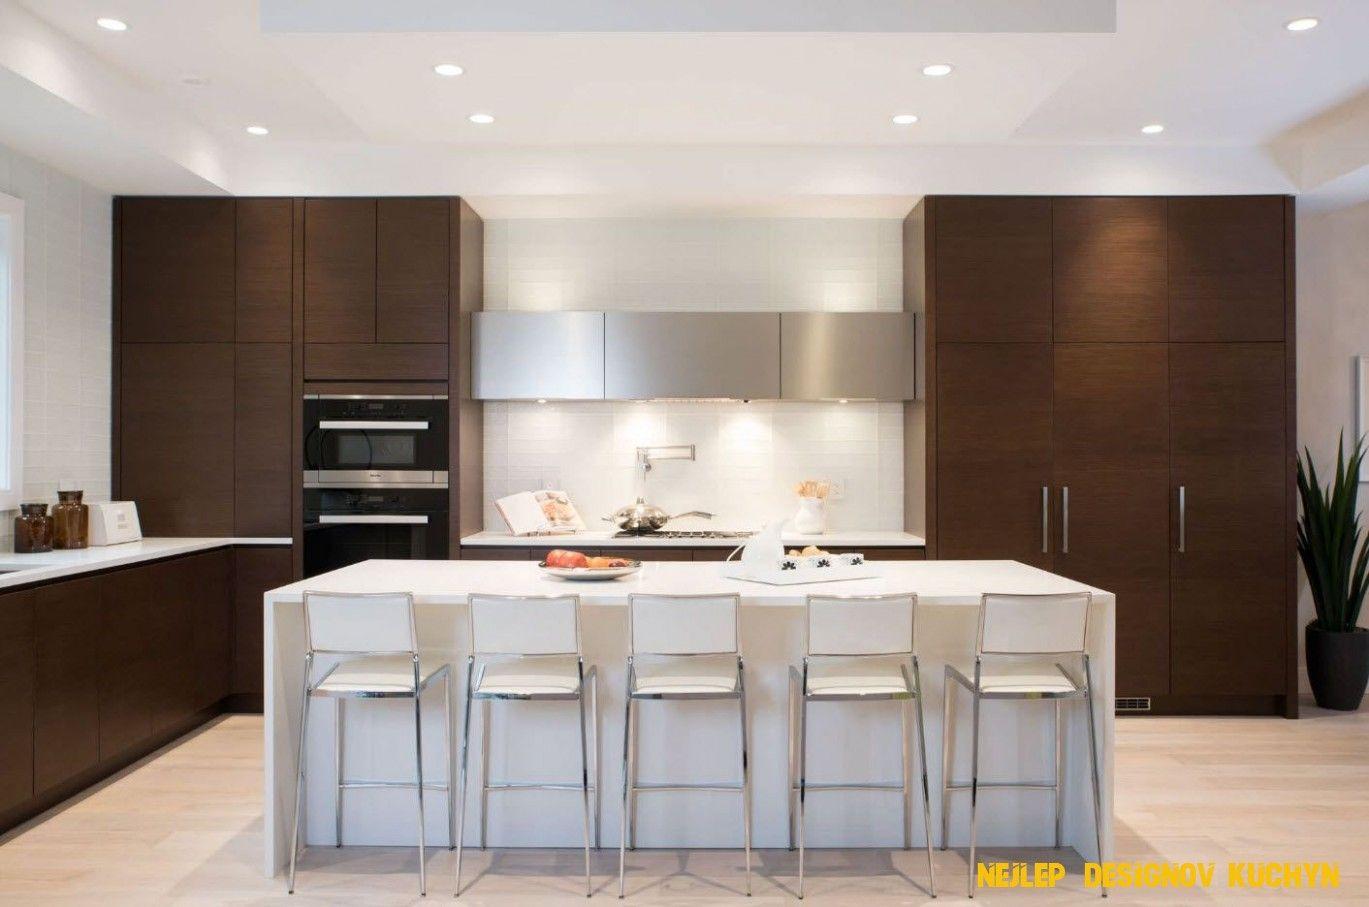 Nejlepší designová kuchyně in 2020 Ikea kitchen